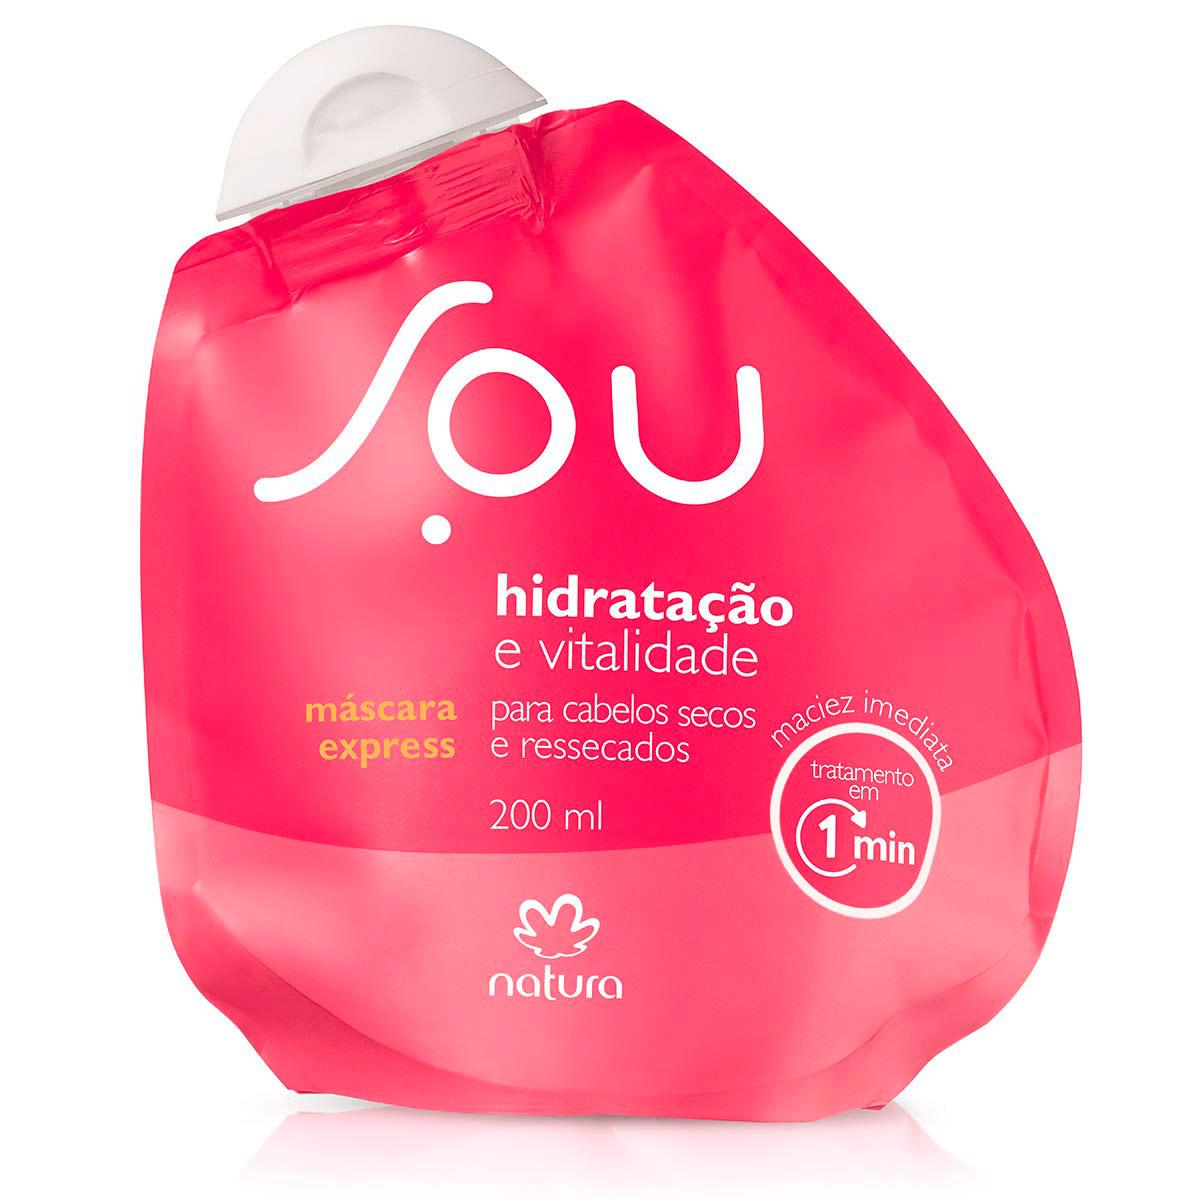 Máscara Express Hidratação e Vitalidade SOU - 200ml - 63969